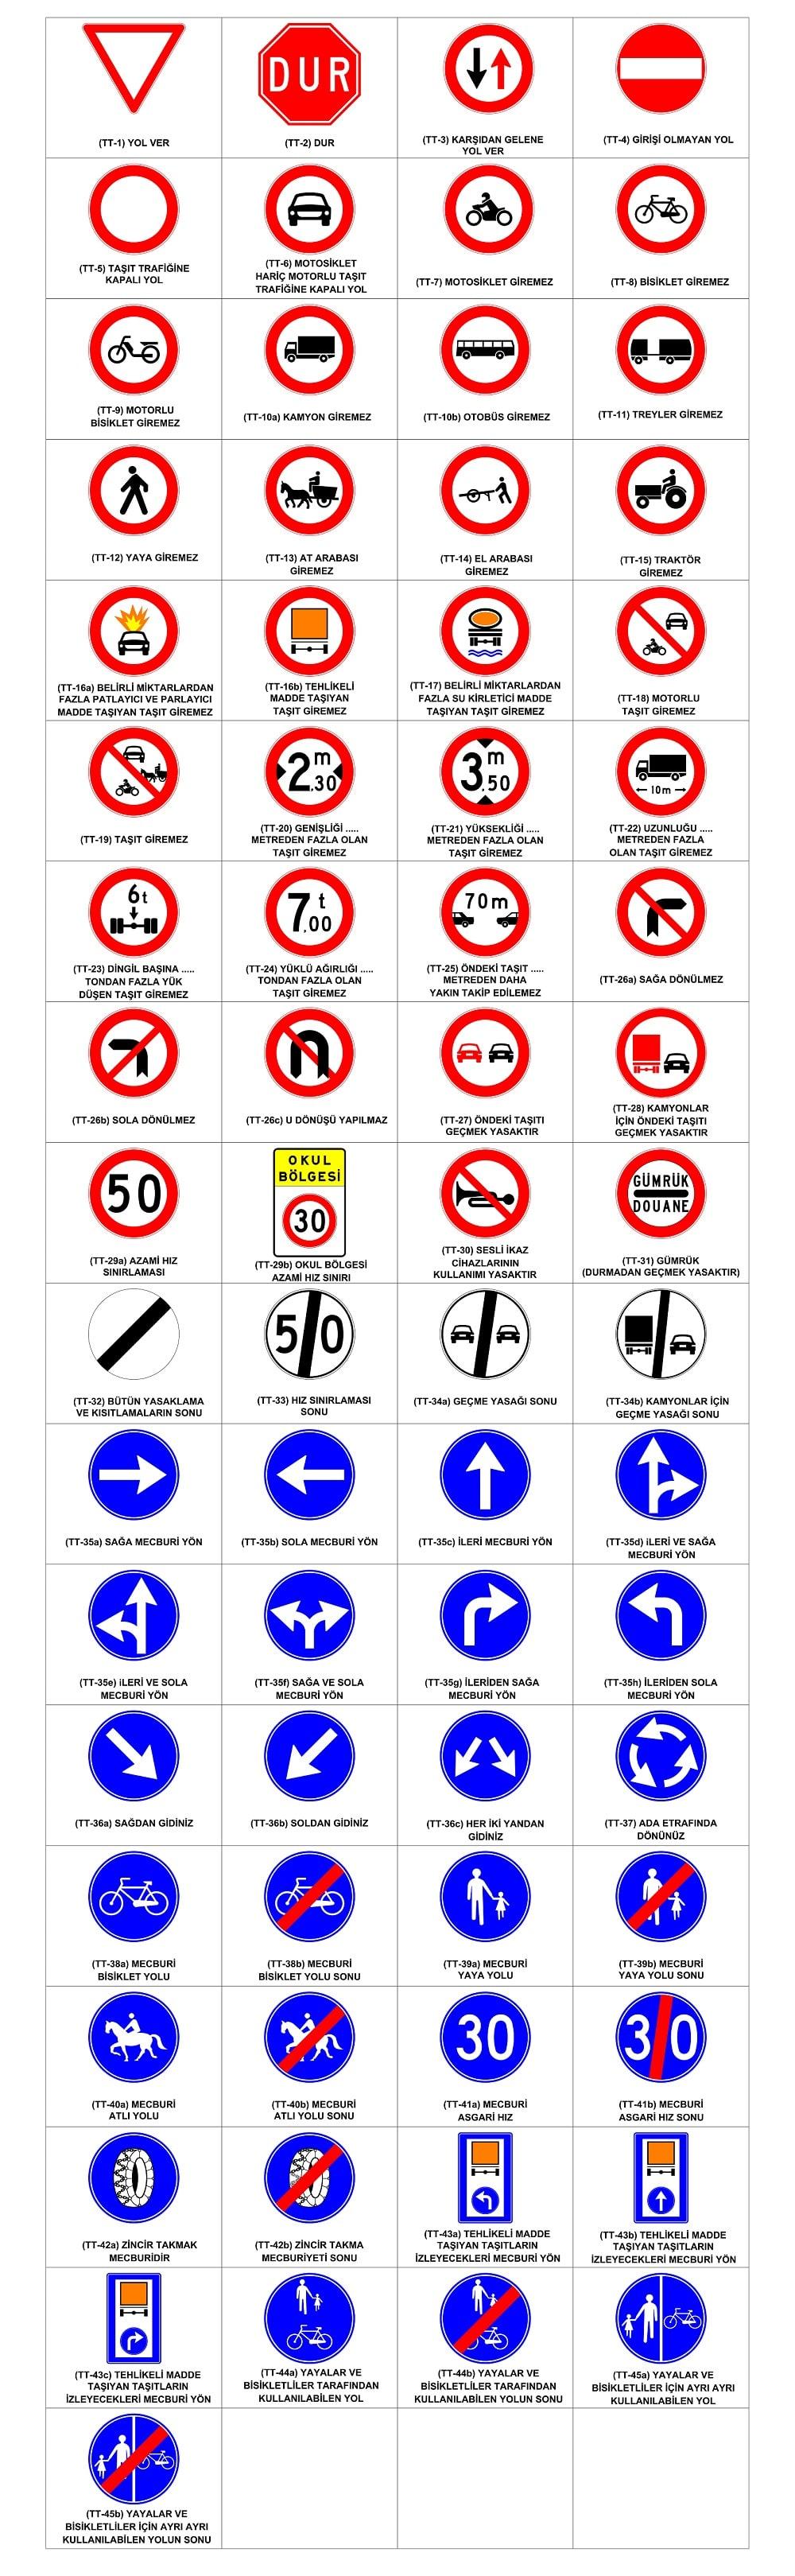 trafik tanzim işaretleri nelerdir